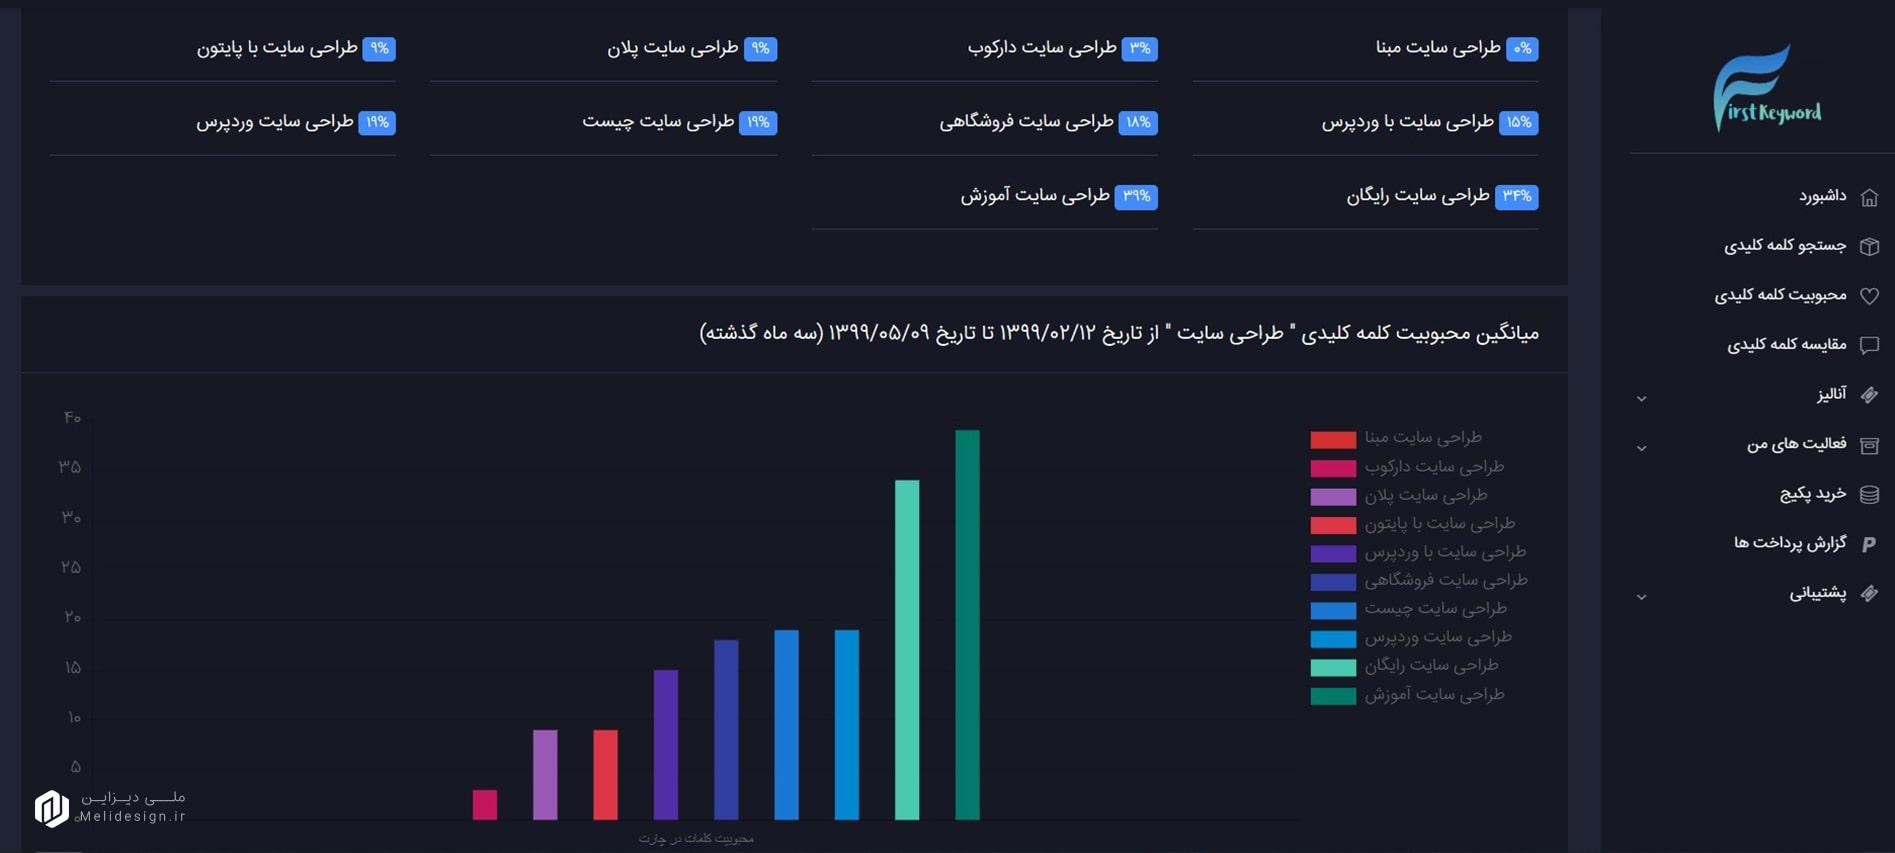 نمودار و درصد محبوبیت